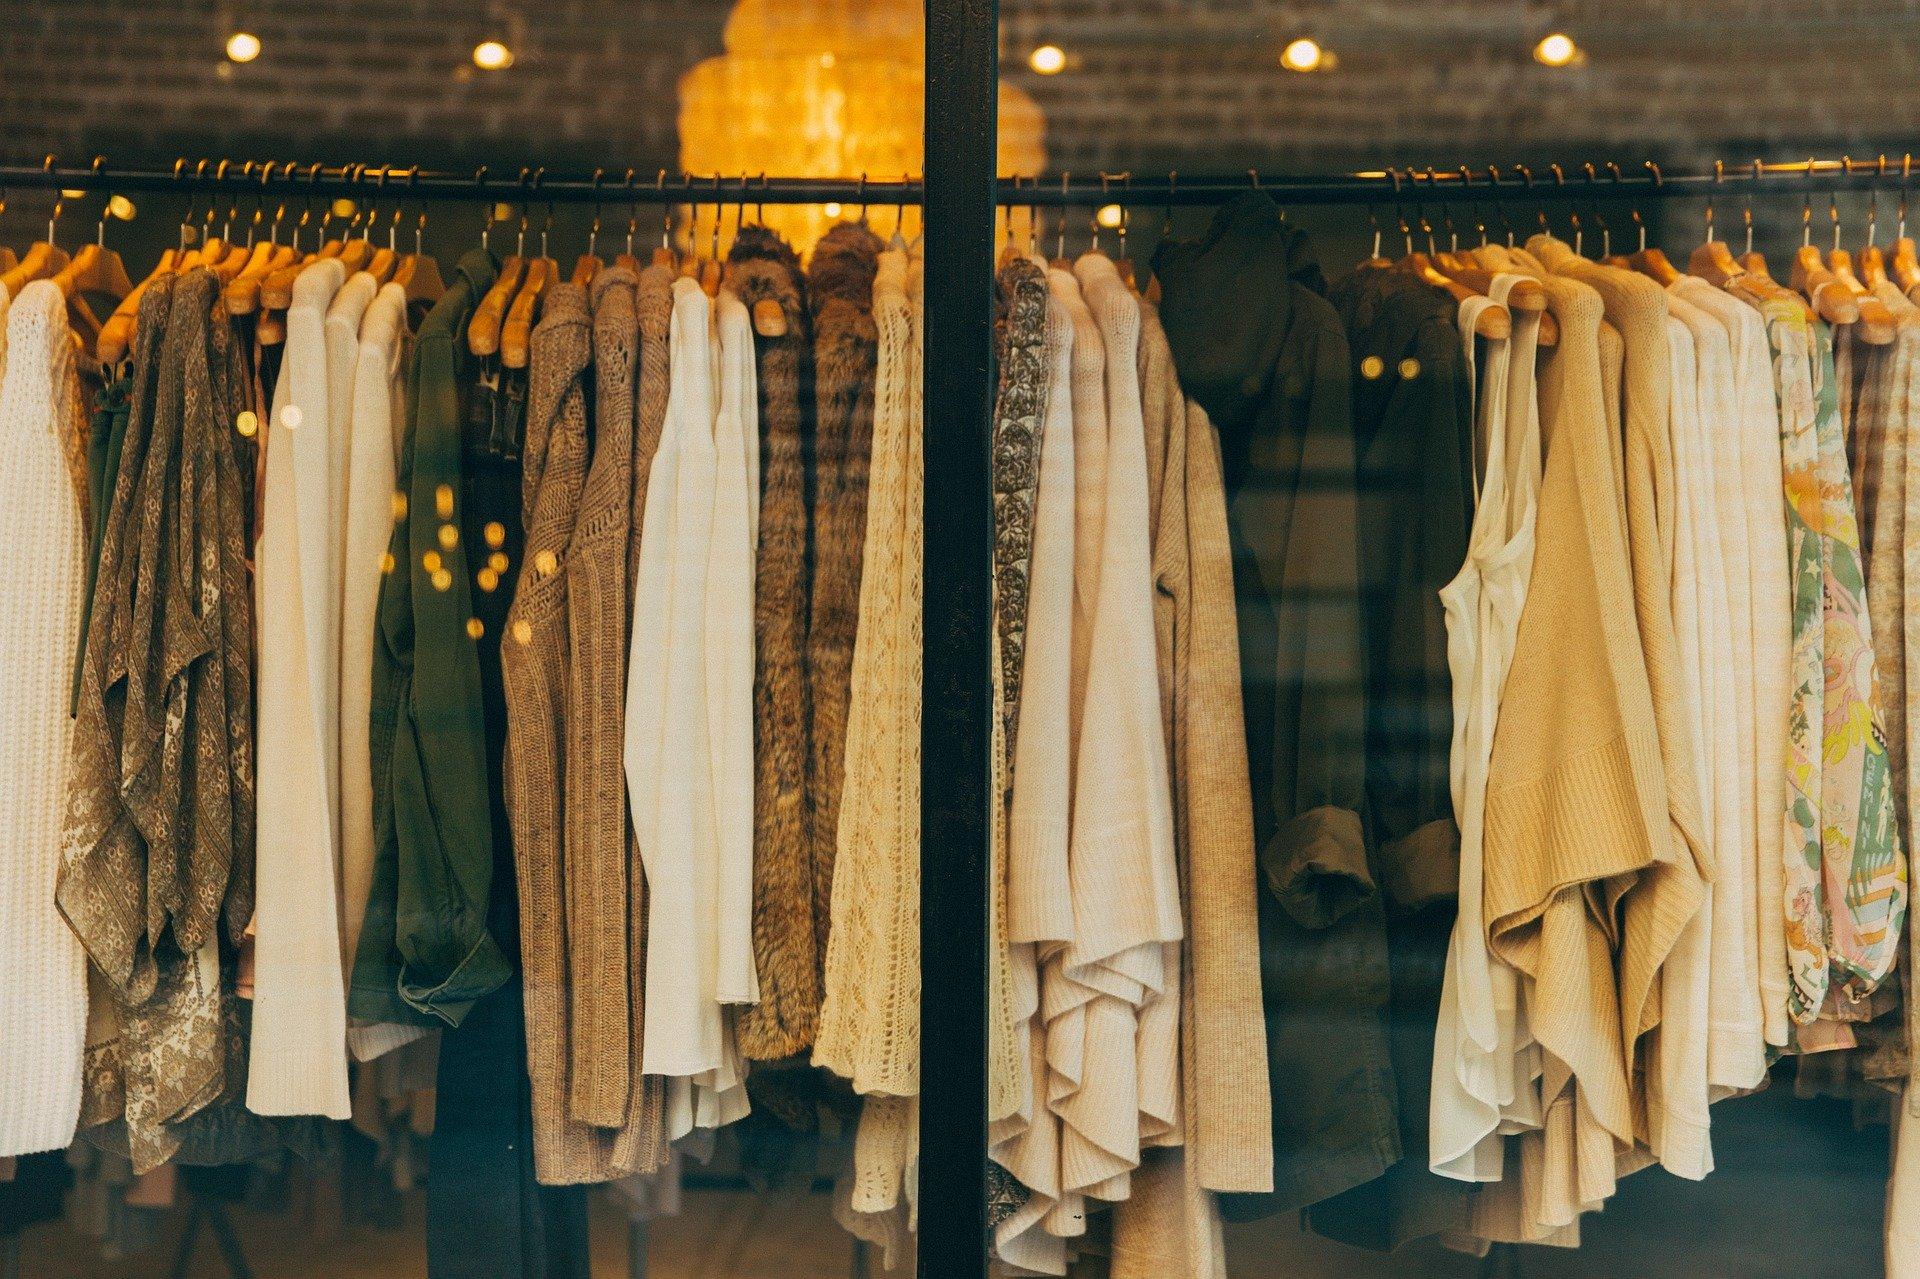 Kolejna edycja wymiany ubrań i innych rzeczy w Andrychowie